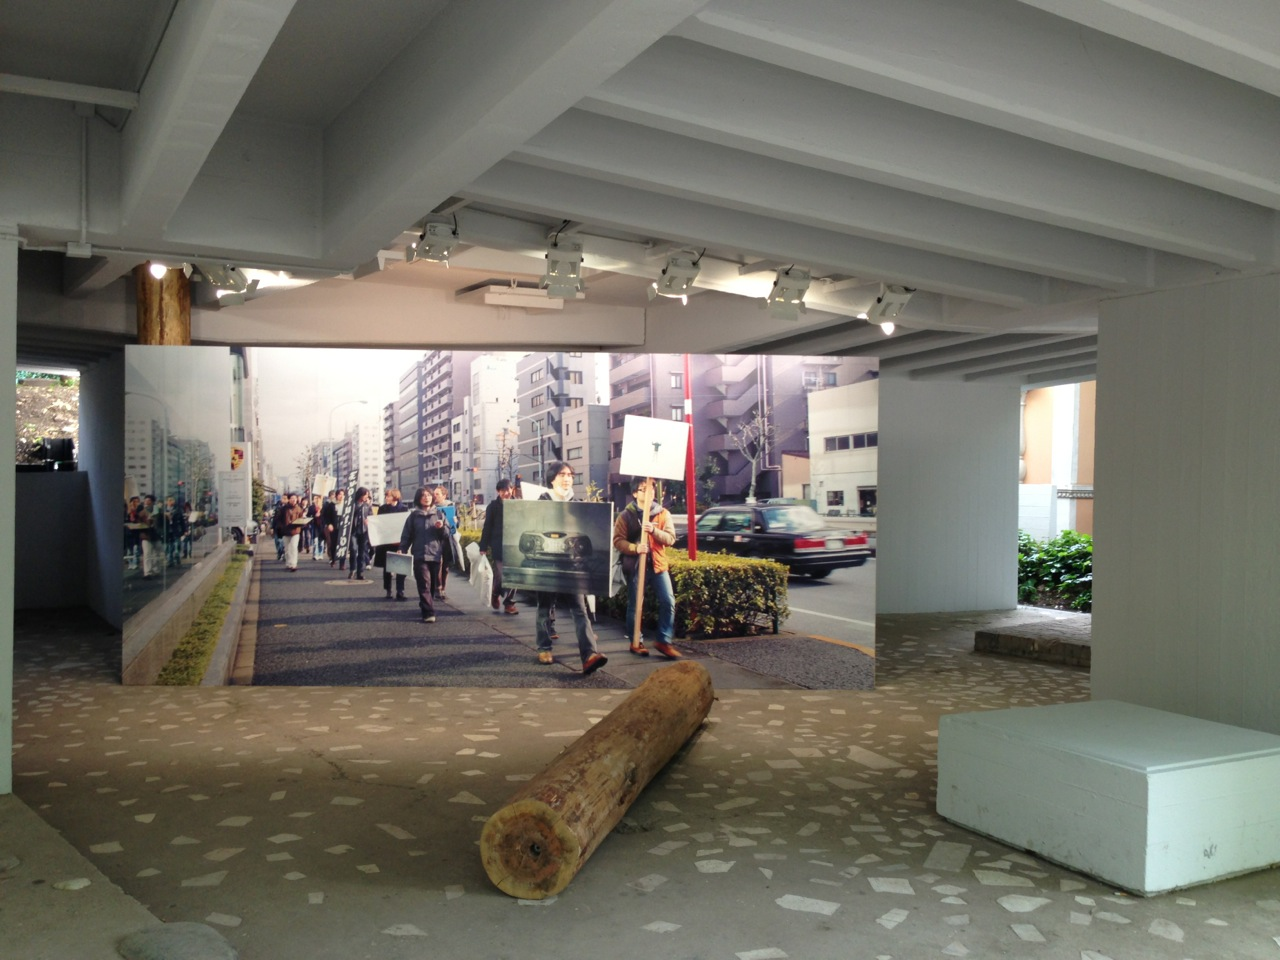 日本館が特別表彰を受賞 第55回ヴェネチア・ビエンナーレ国際美術展